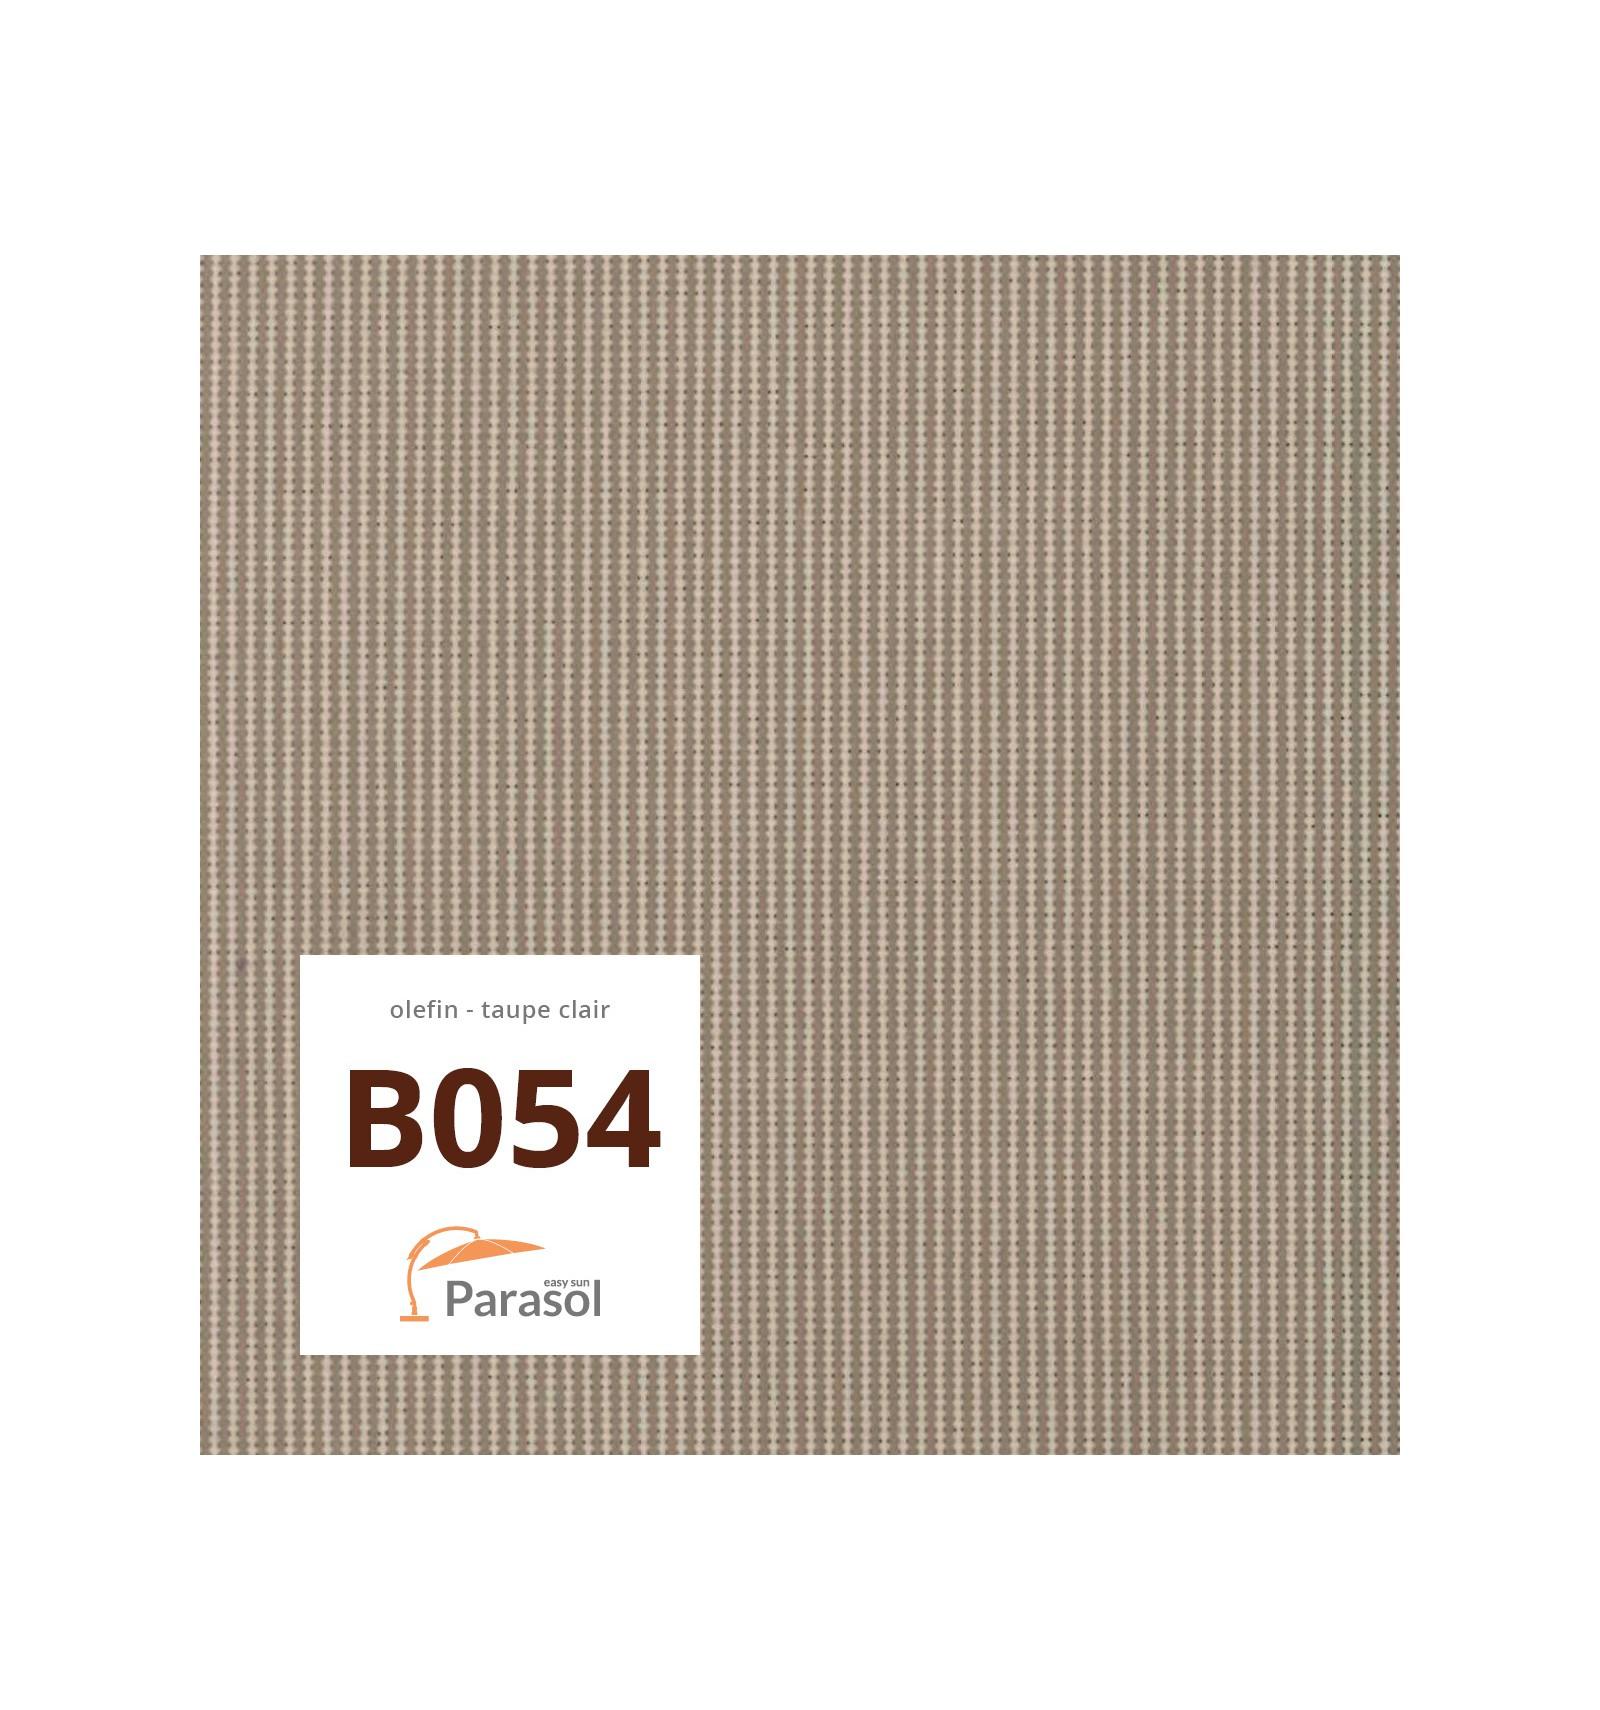 toile de remplacement light taupe en olefin pour parasol easy sun 320. Black Bedroom Furniture Sets. Home Design Ideas